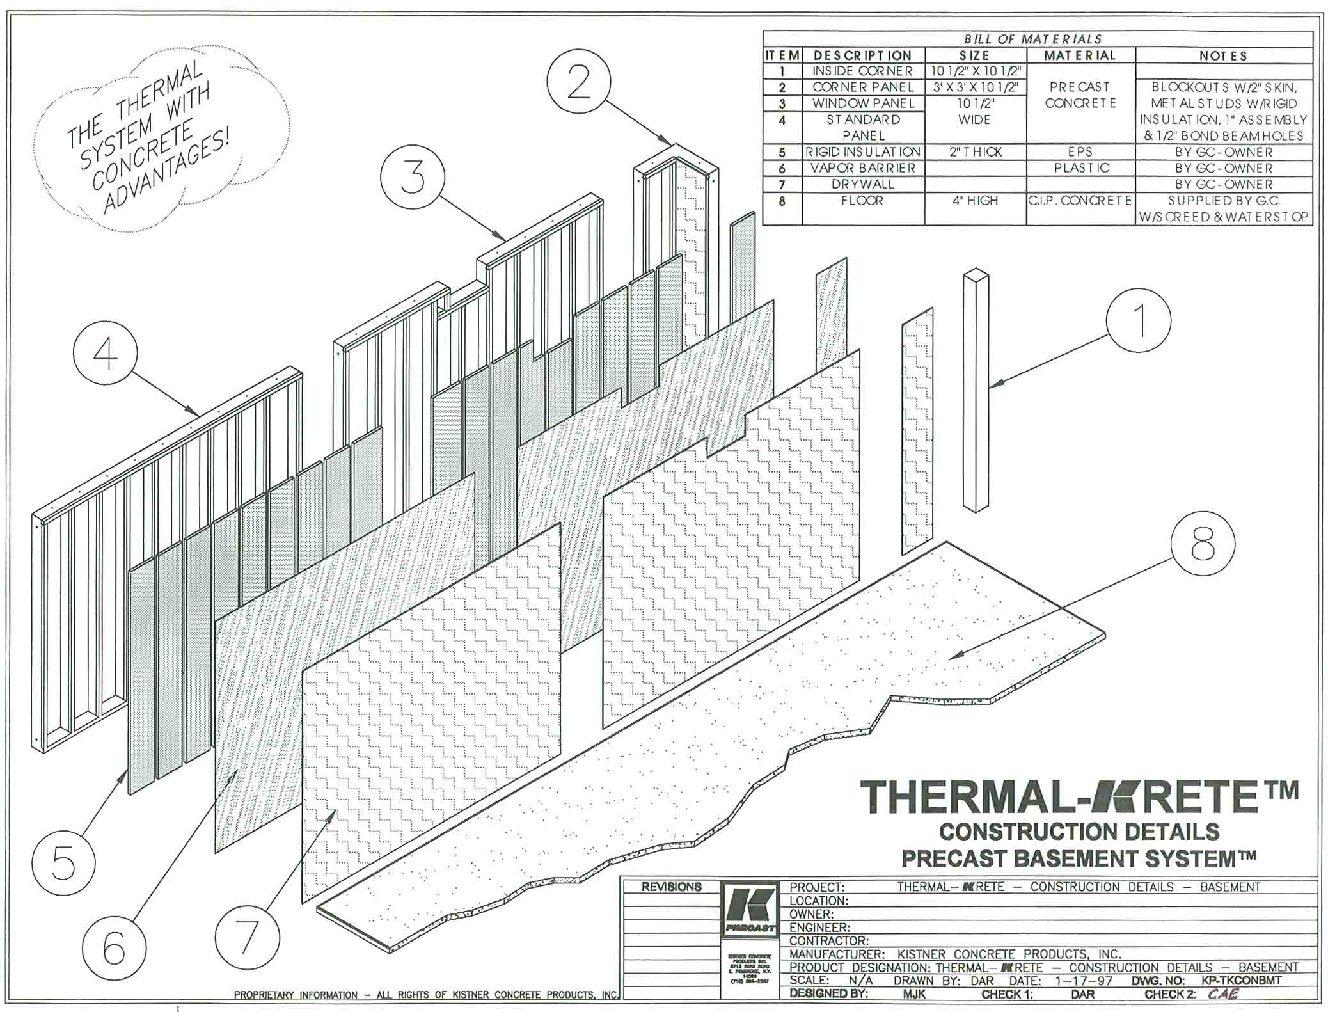 Thermal Krete Construction Details